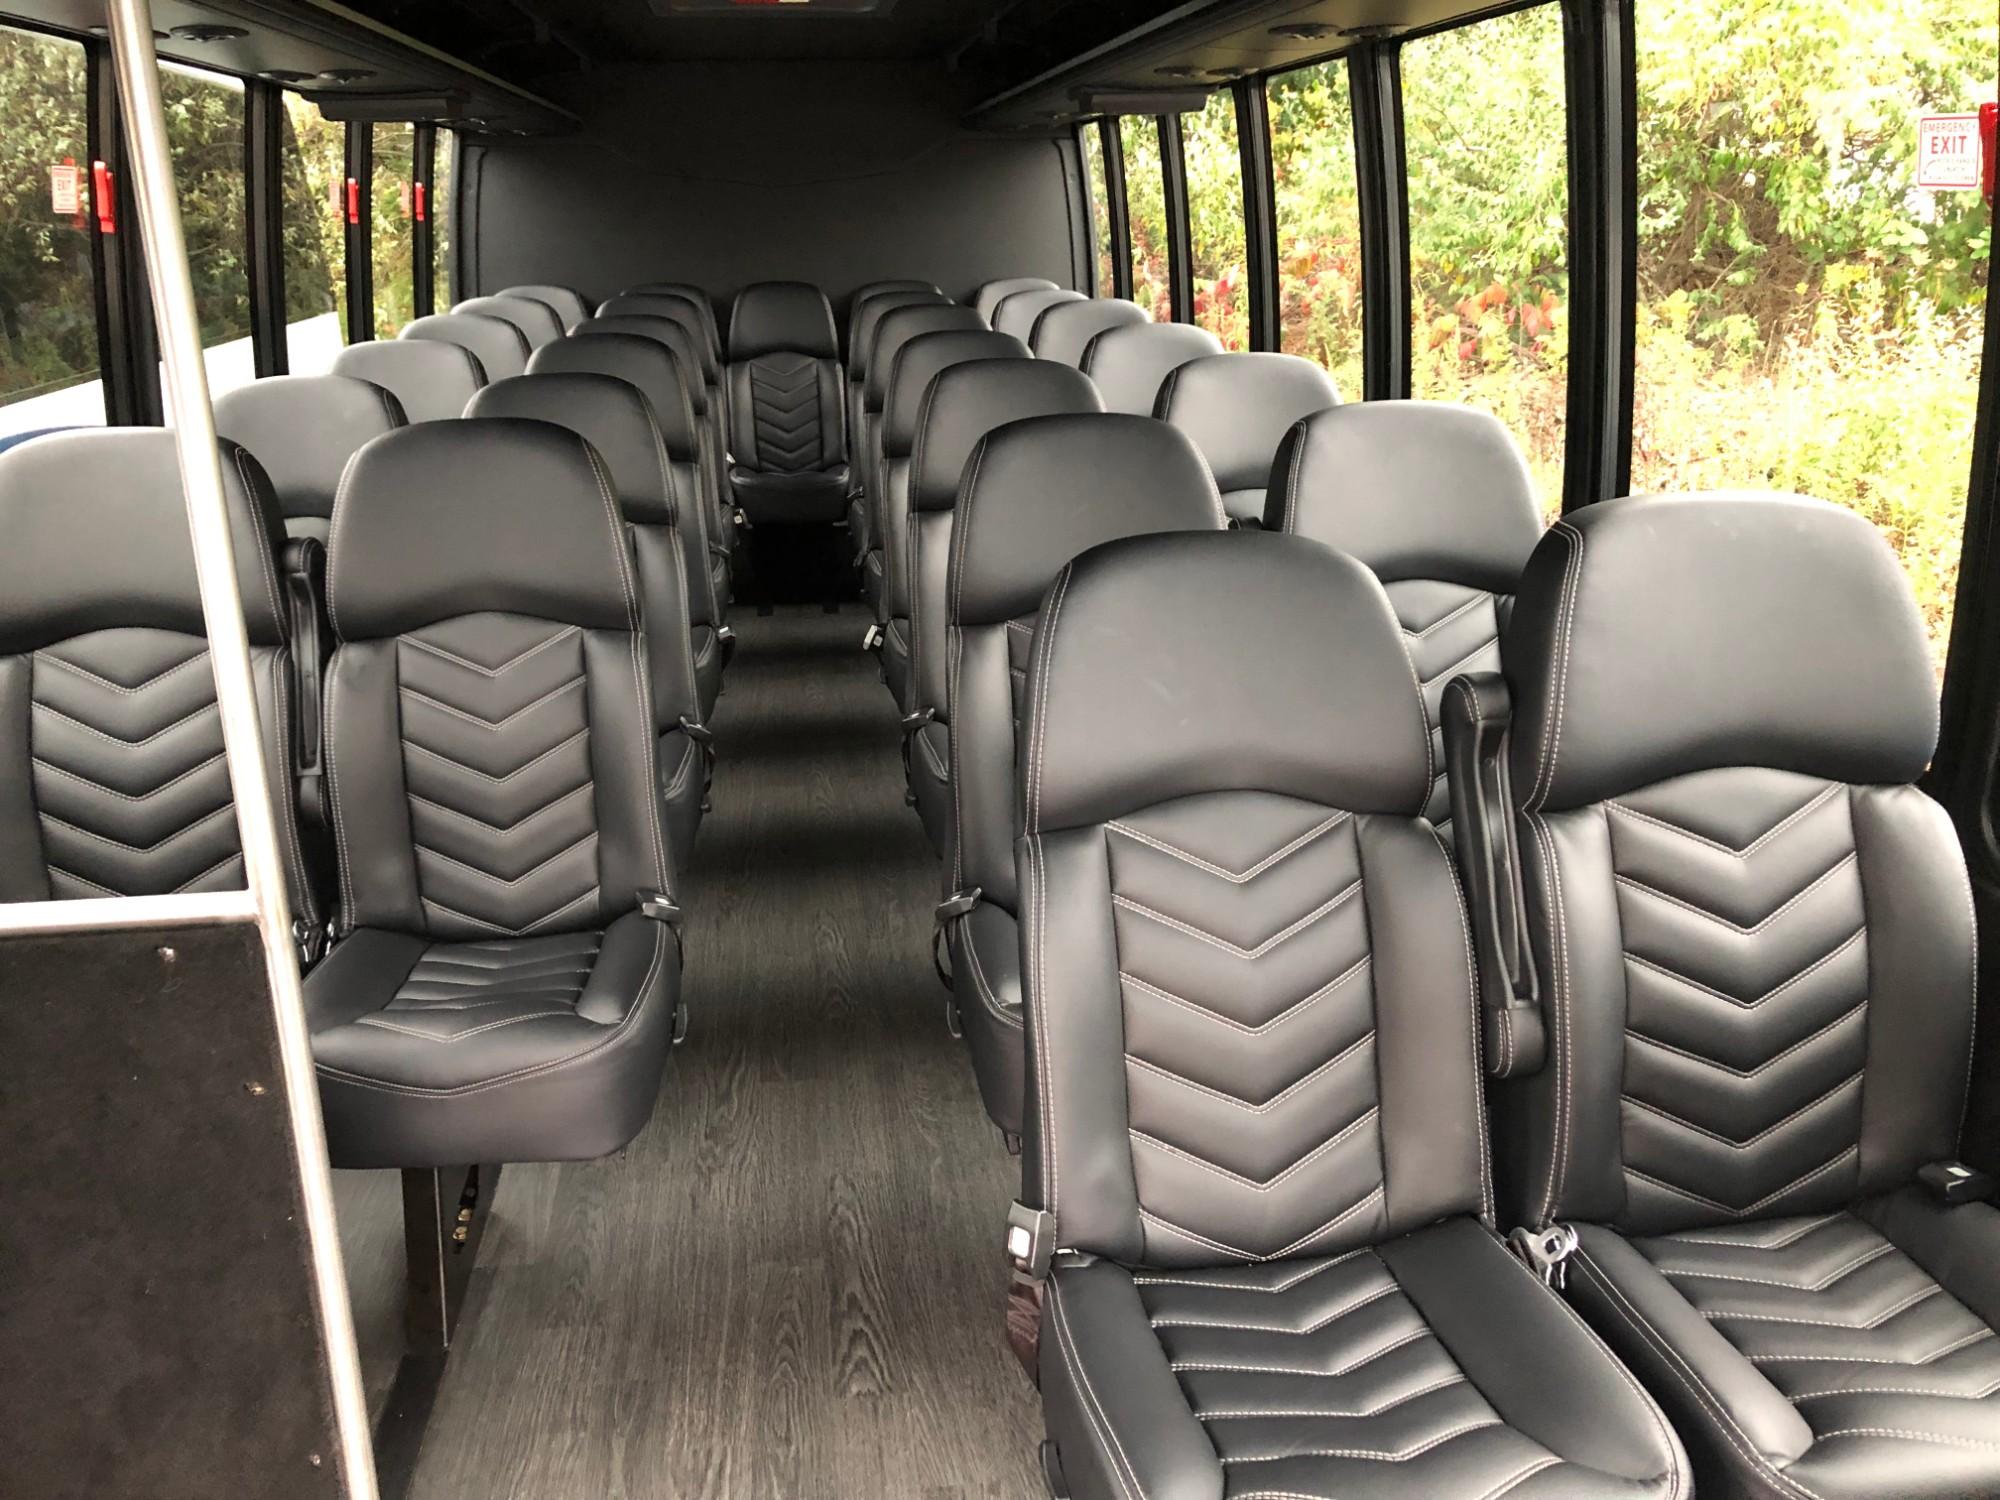 Boston Mini Coach Bus Rental Interior View